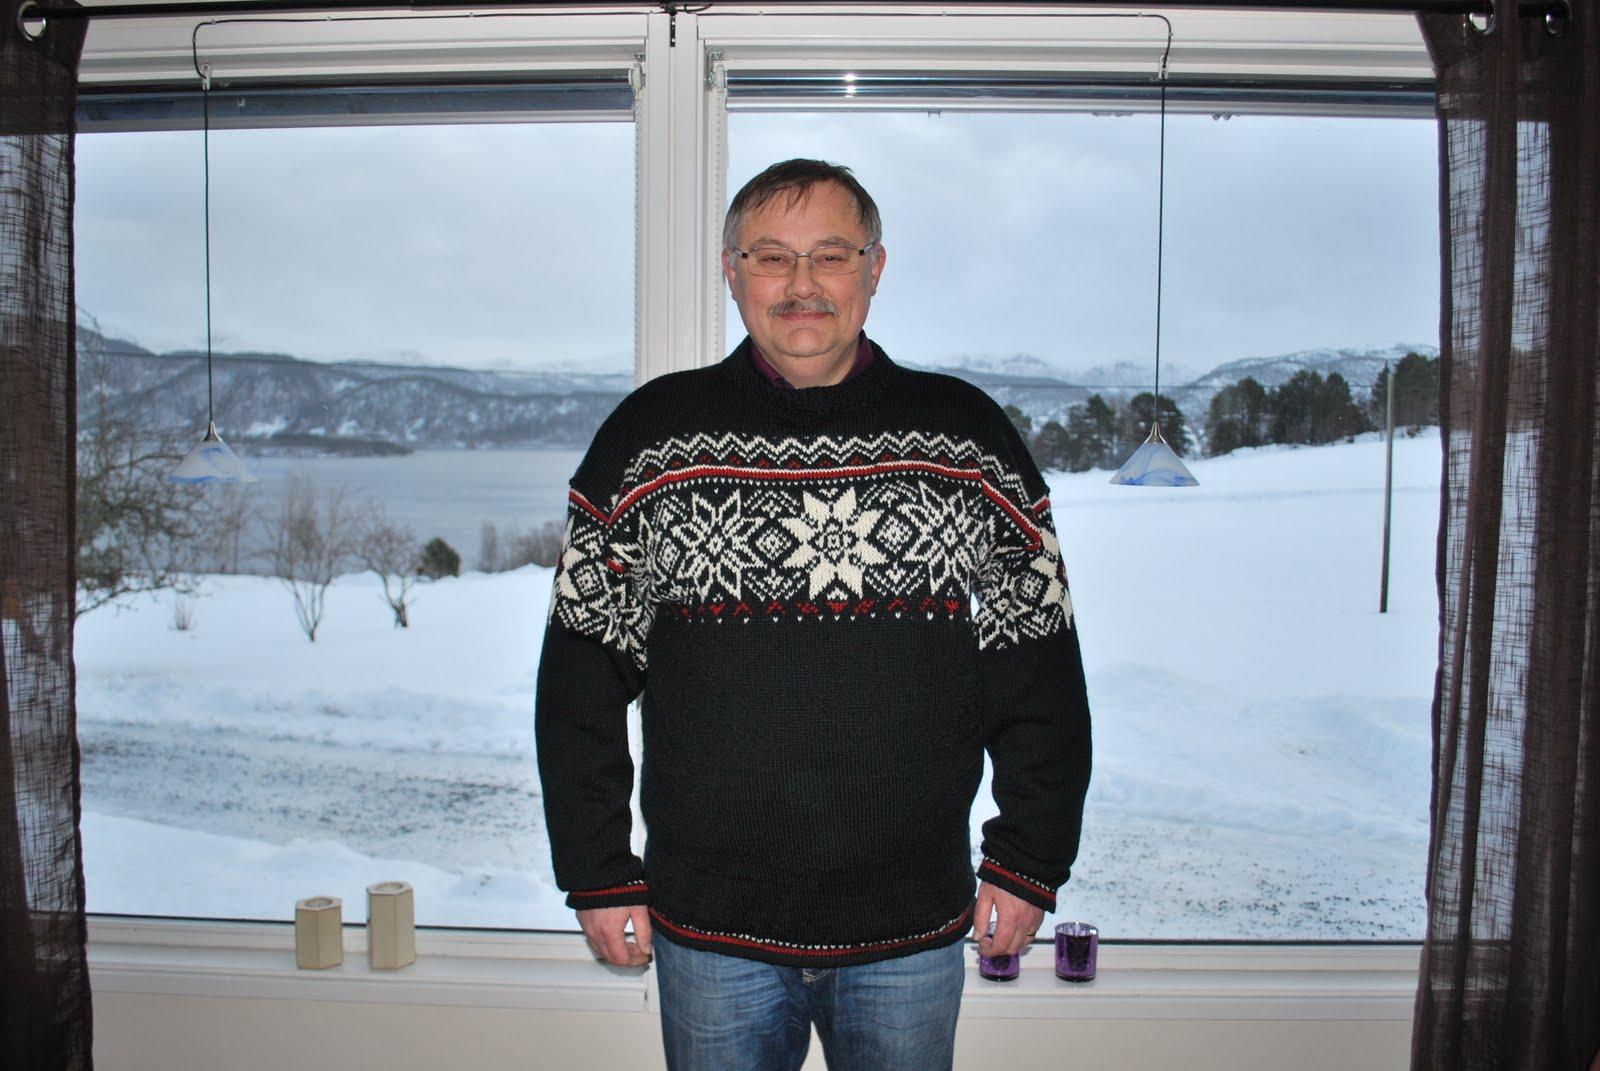 17e68aec ... VM genseren så kastet jeg meg rundt og kjøpte garn med en gang. Vi er  kjempe fornøyde både jeg og mottakeren. Skikkelig gøy når strikkeplagg  sitter ...